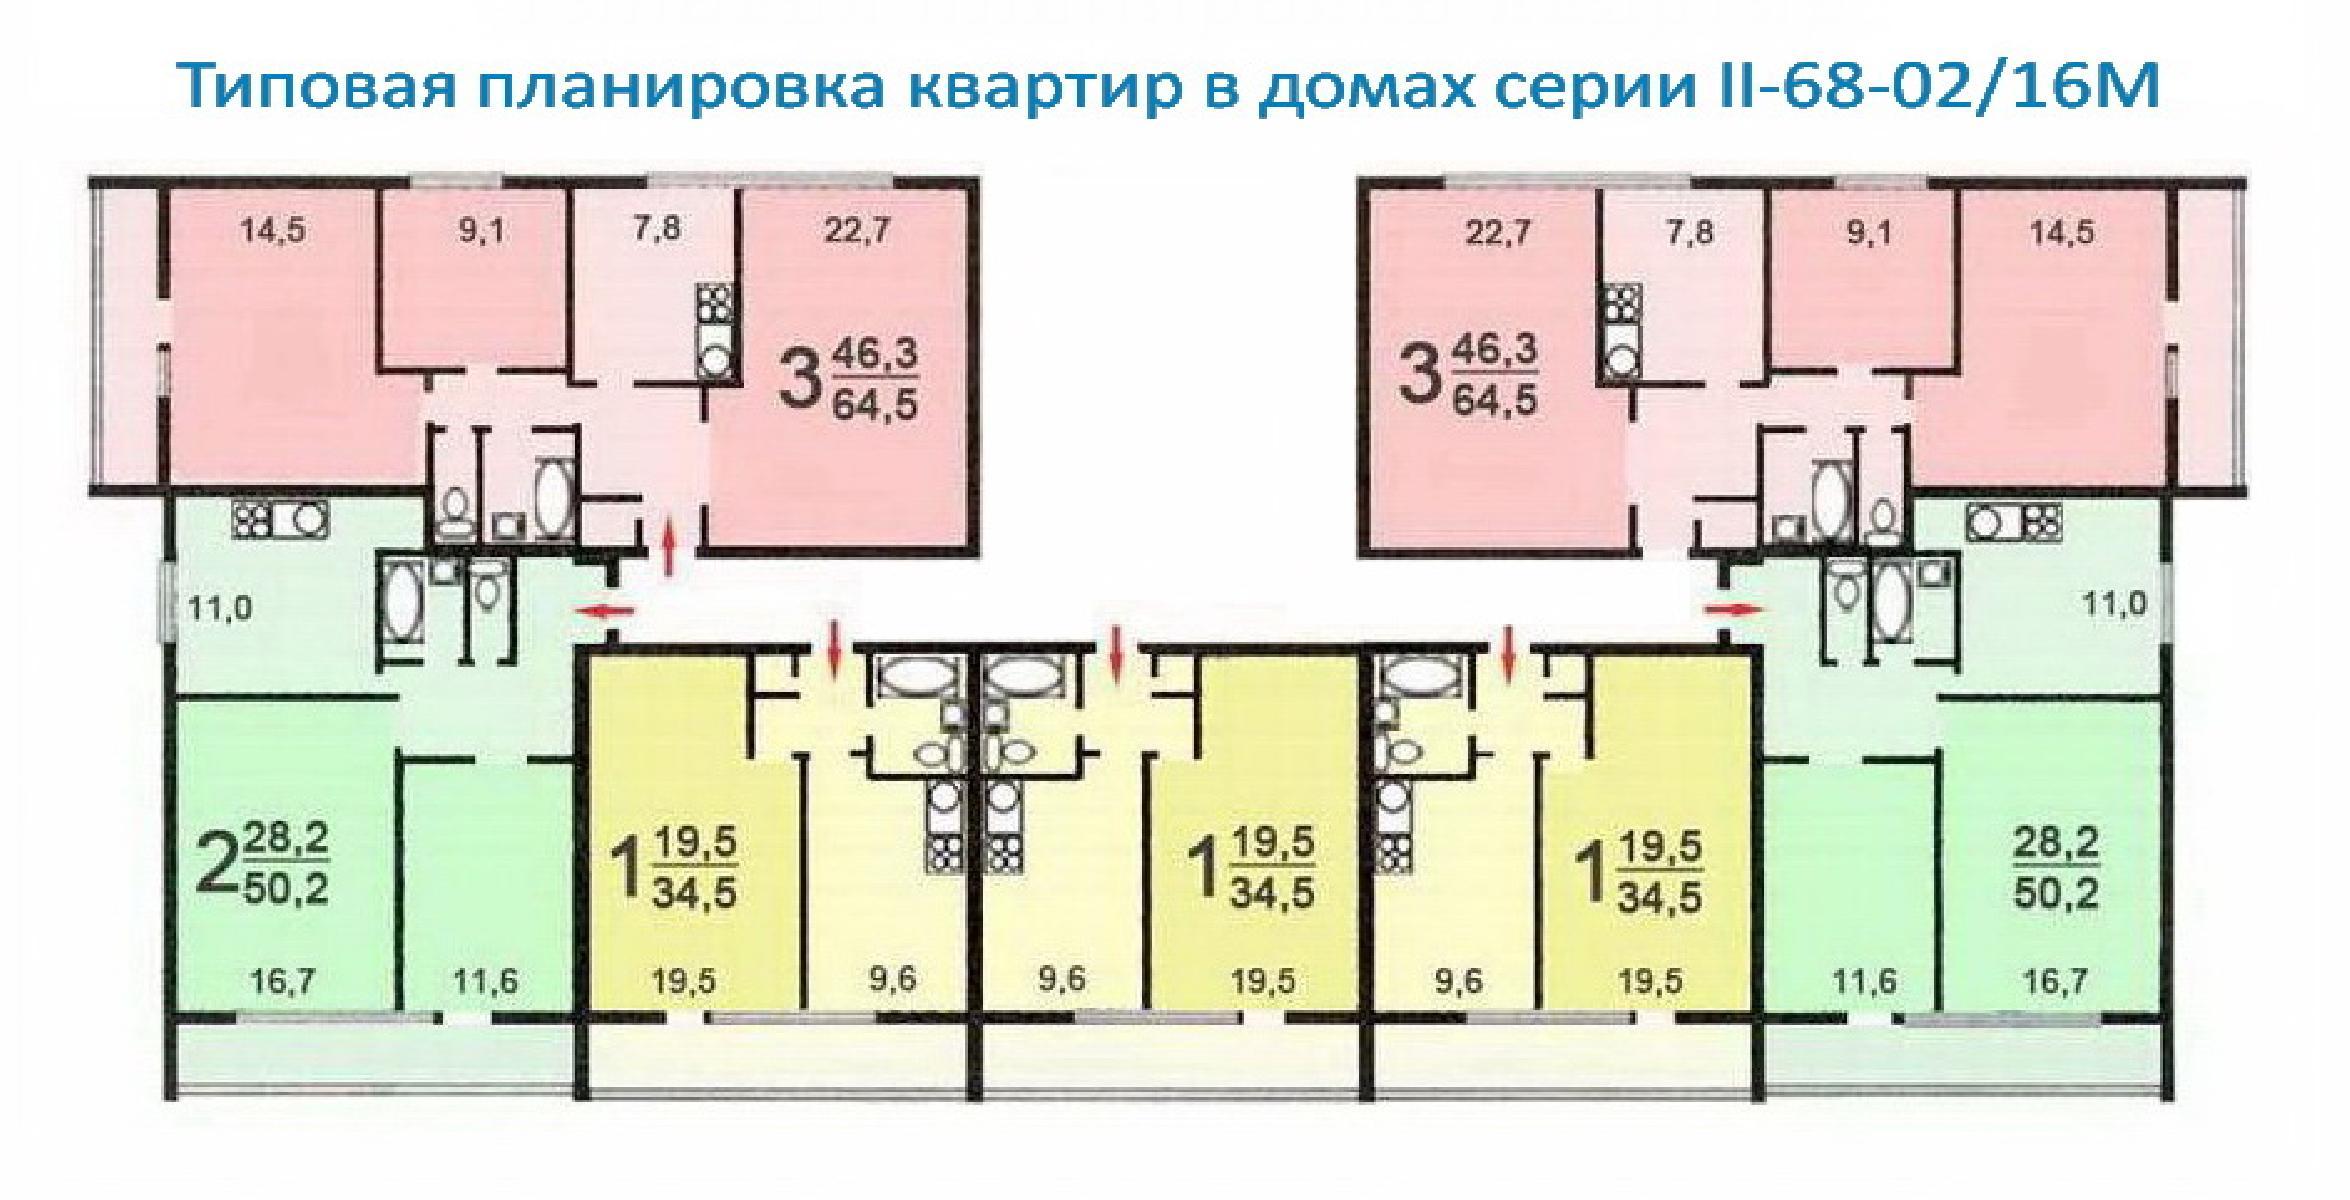 Фото №2 - 3-комнатная квартира, Зеленоград, Панфиловский проспект 914